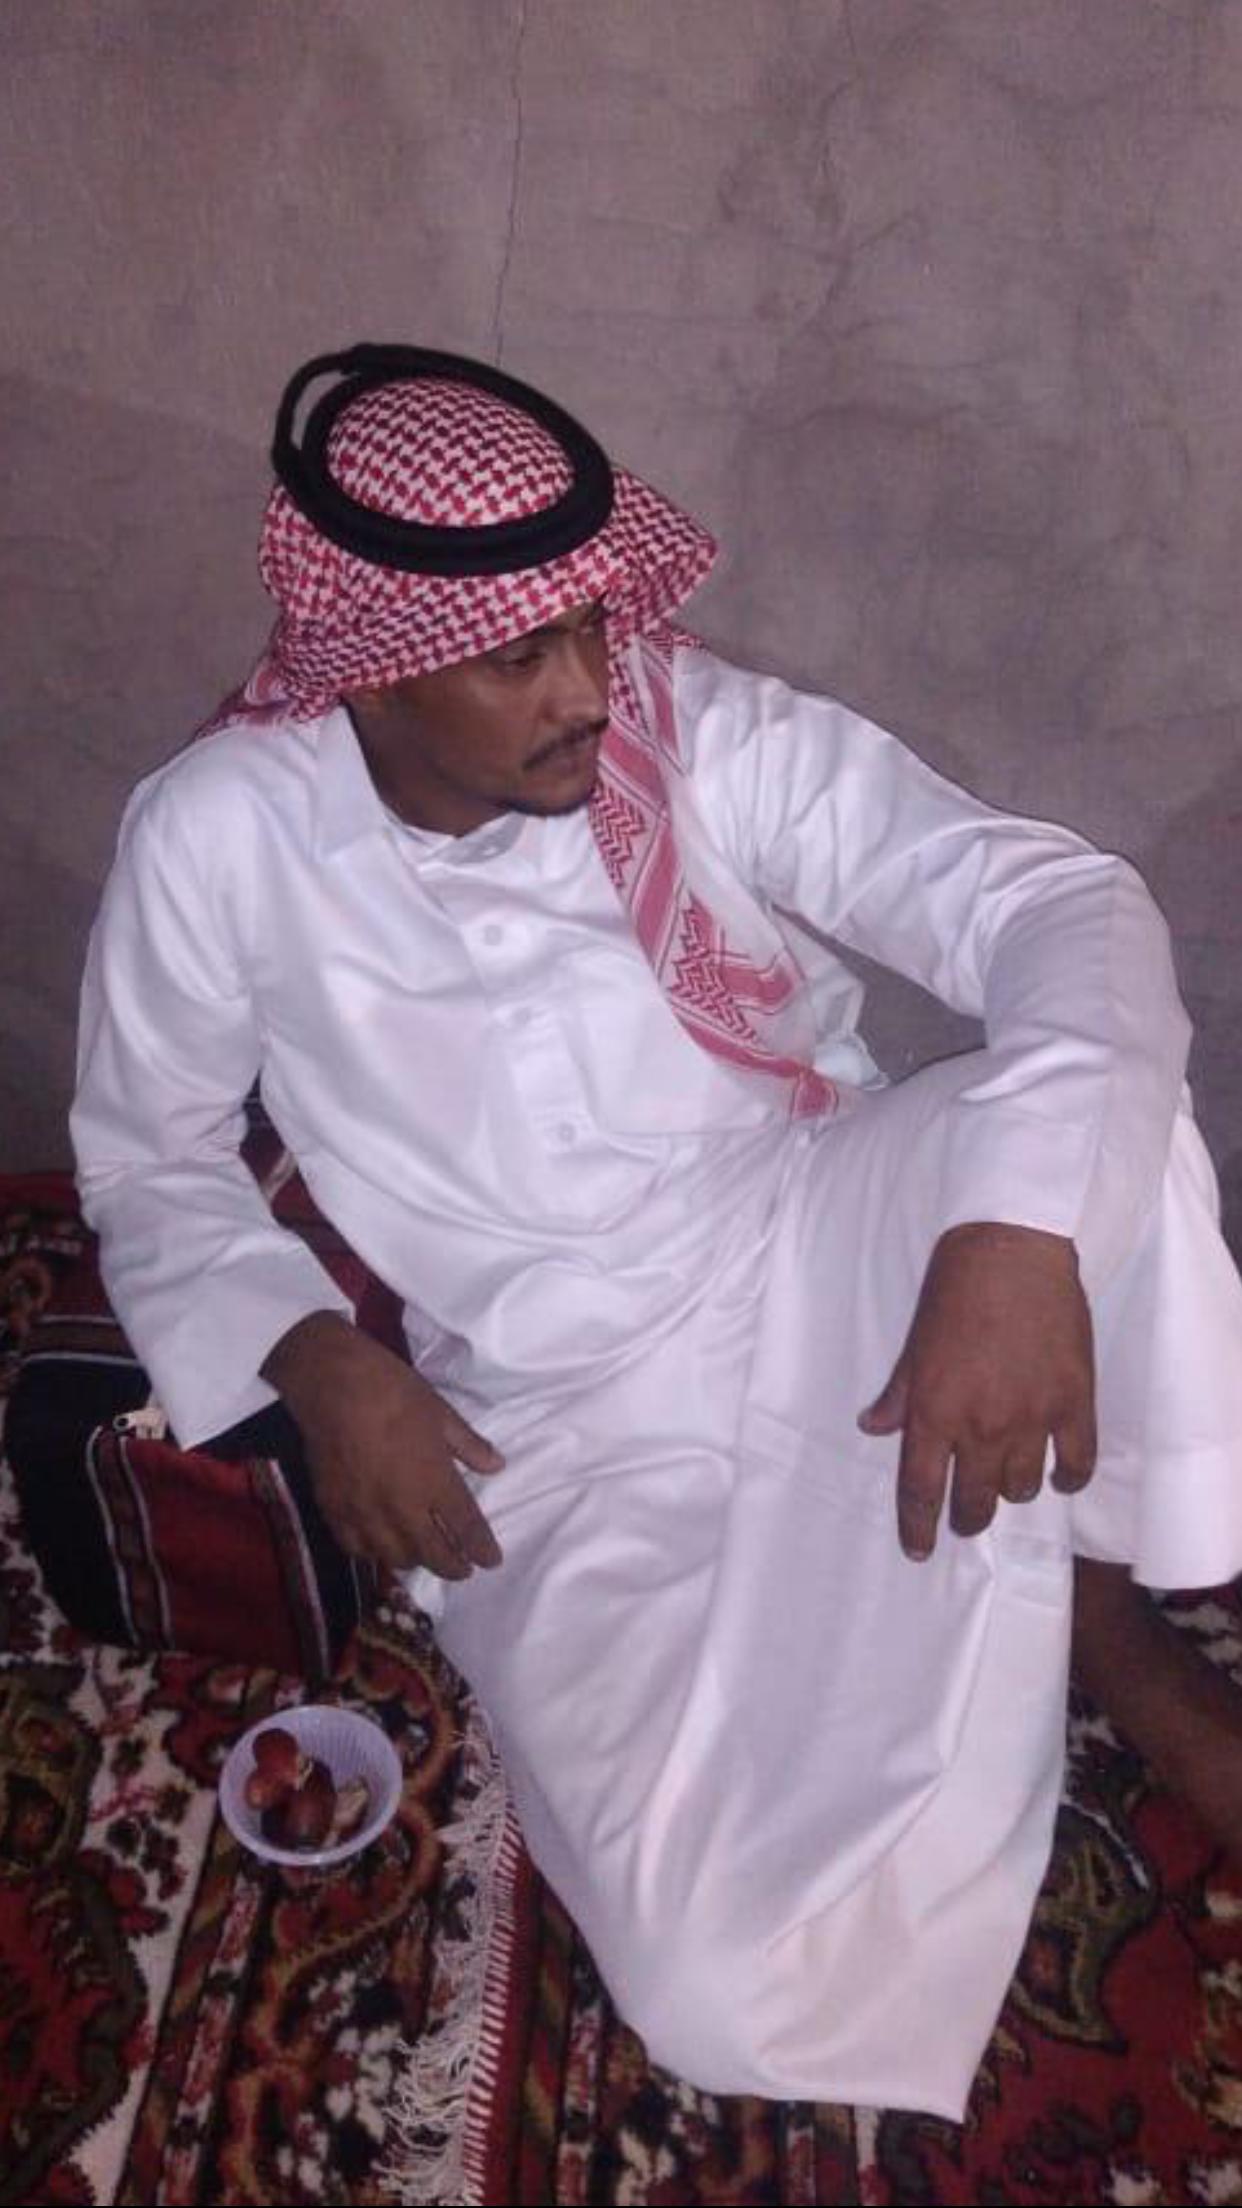 الشاب / حمدان فرج الجحم البلوي يحتفل بزواجه F9AC0403 F2CE 4468 B12C 297DC2D91A9B